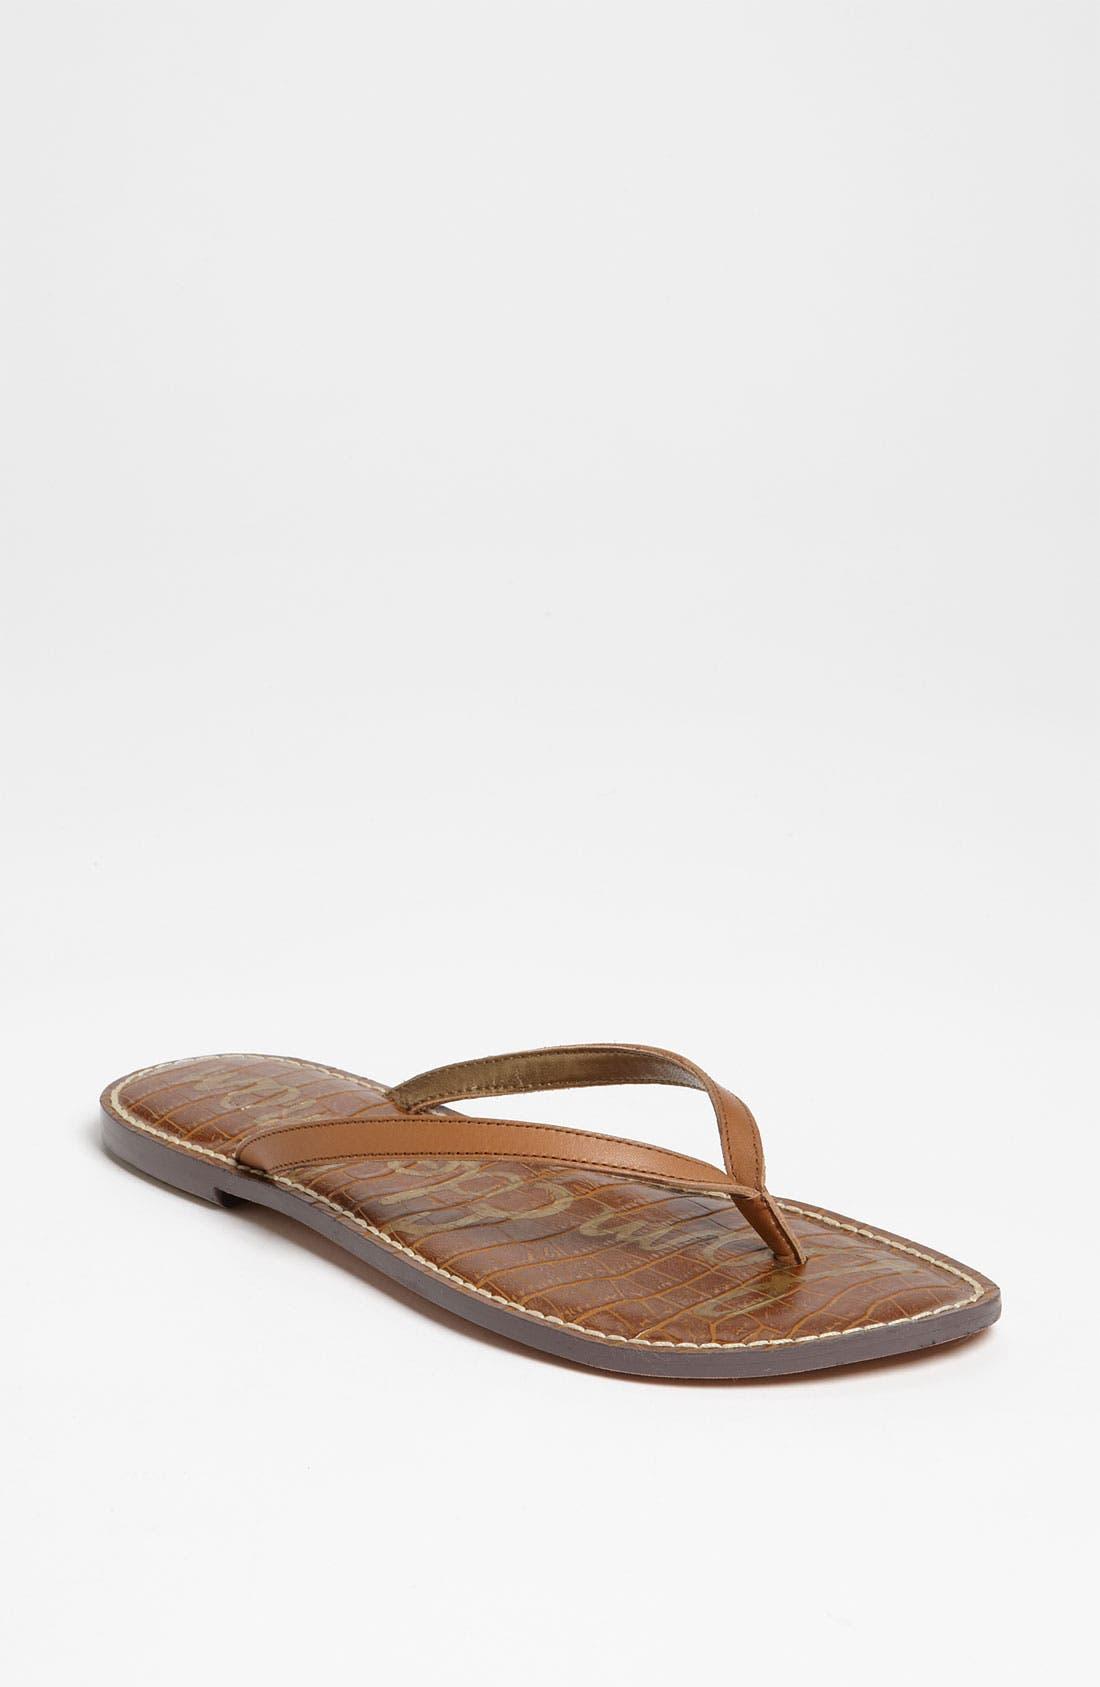 Main Image - Sam Edelman 'Gracie' Sandal